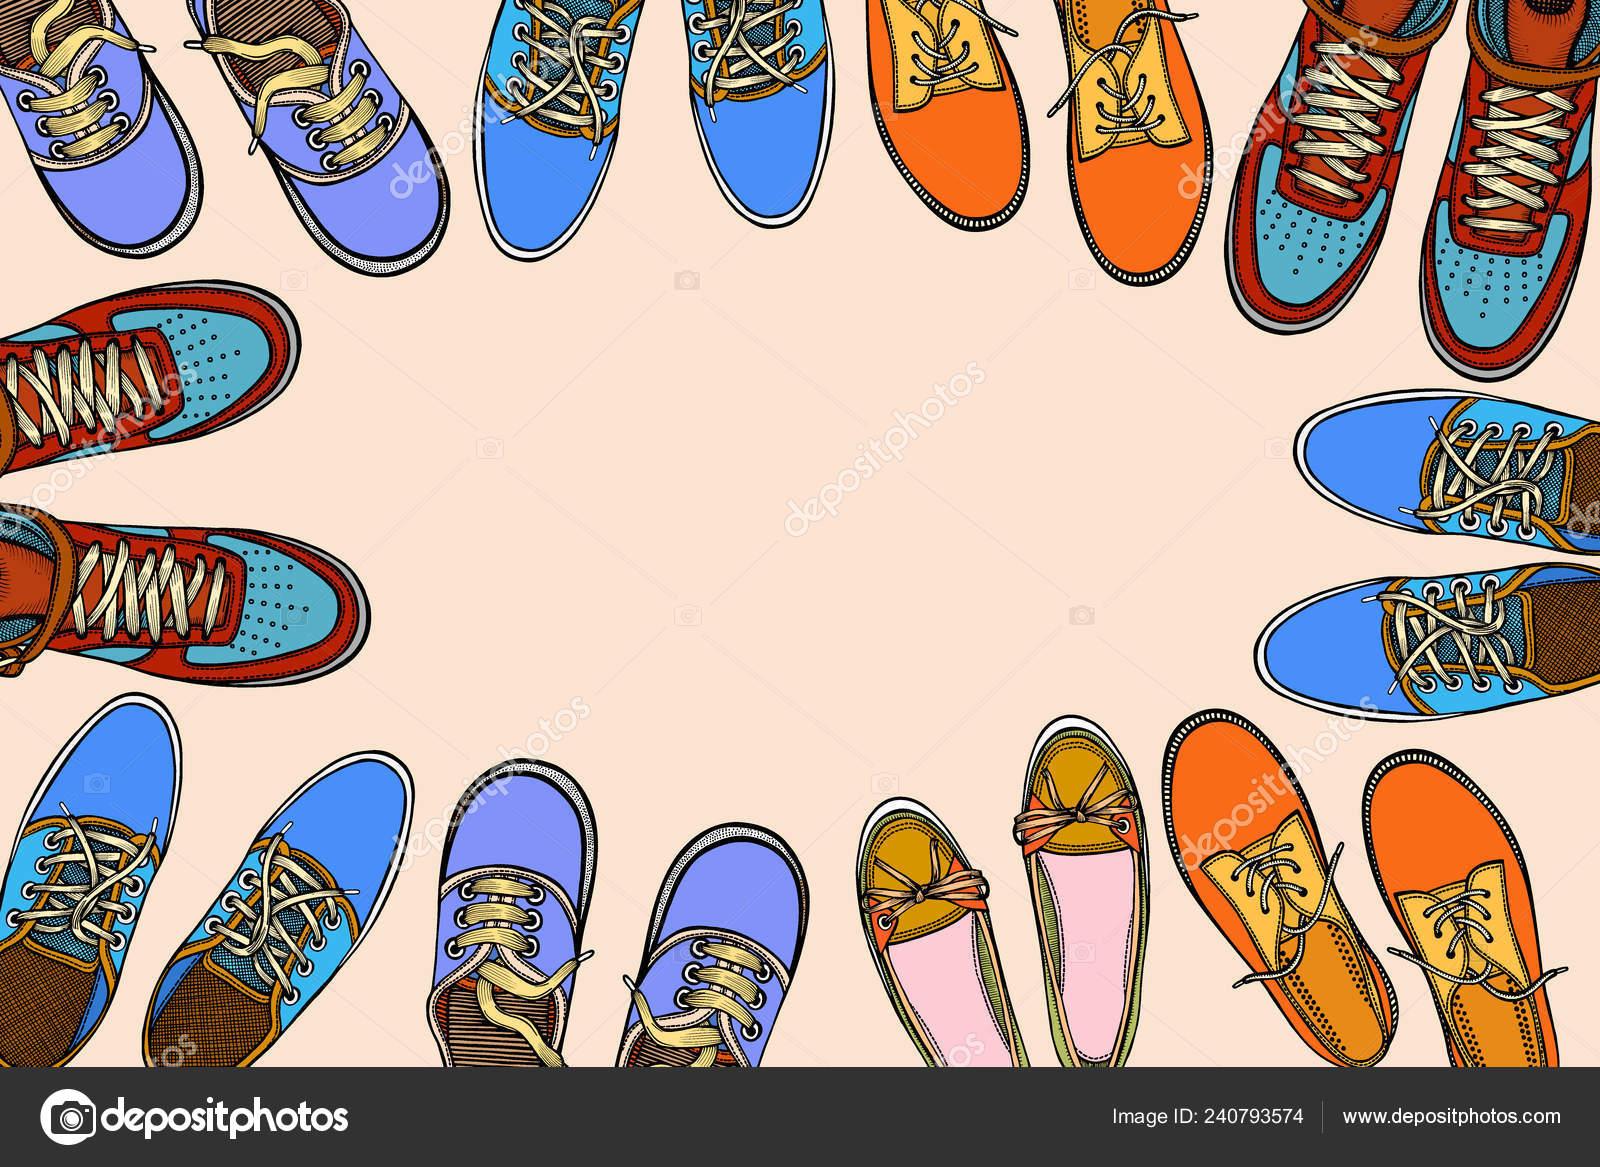 Zapatos Con Deportivos Círculo Para Espacio Muchos Fila Libre Fondo cF1J3TKl